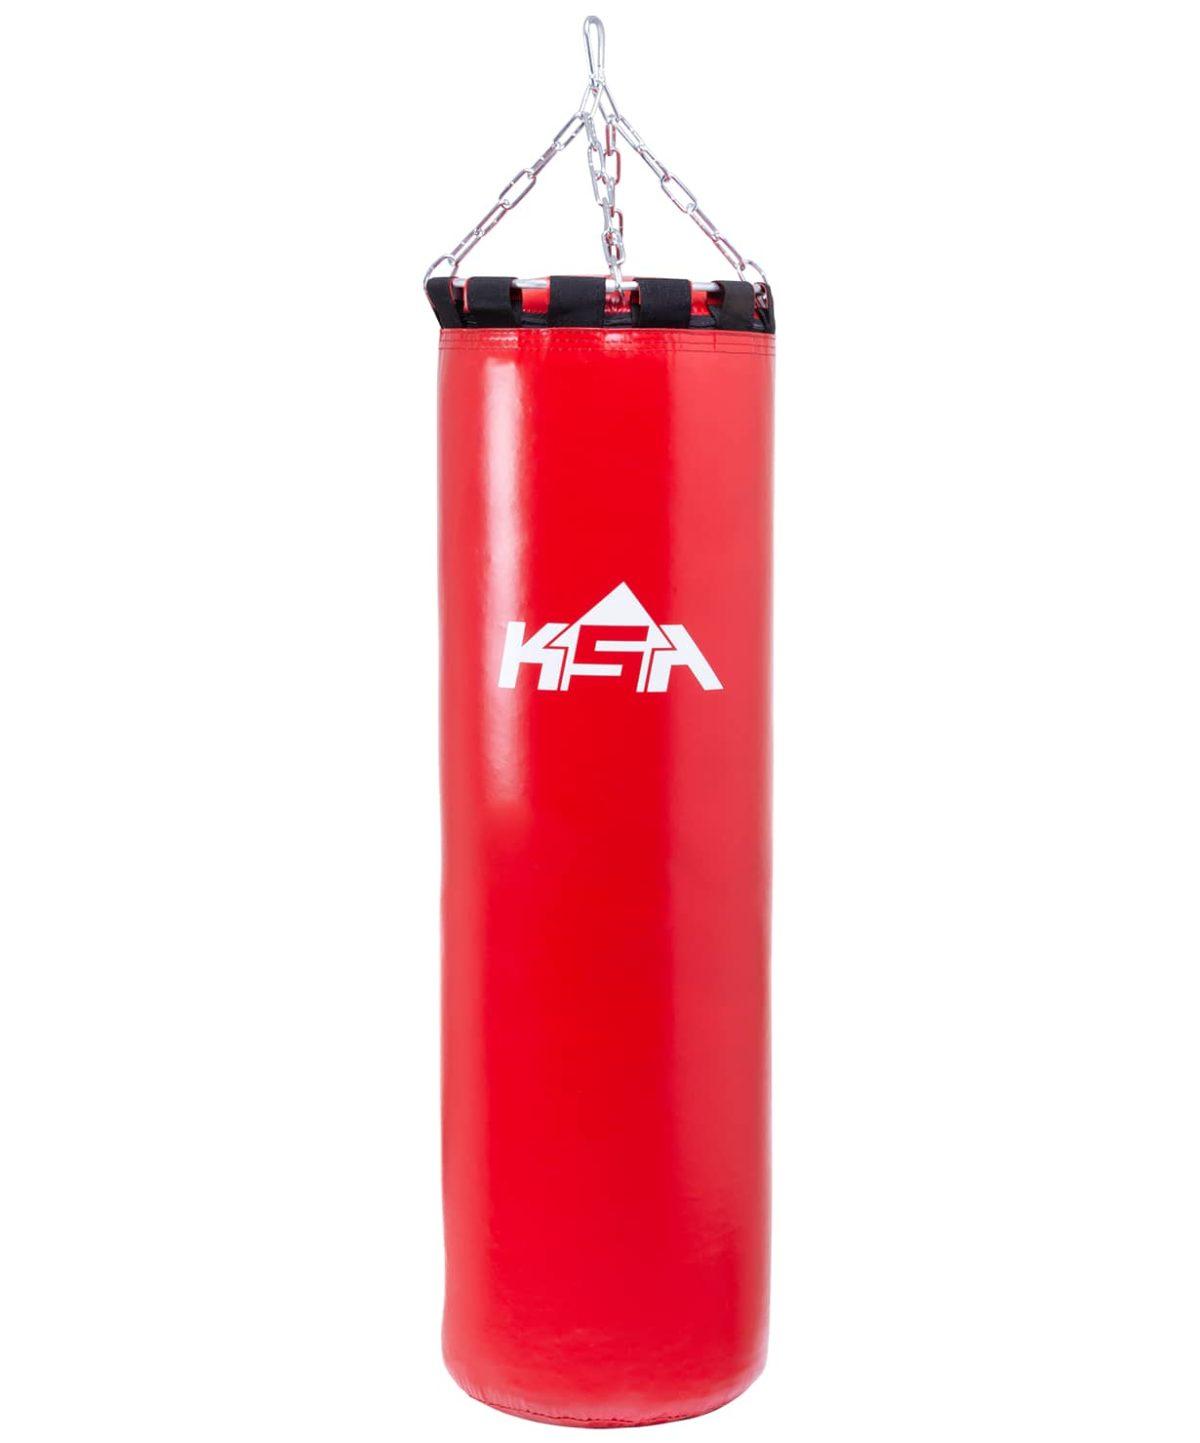 KSA Мешок боксерский, 120 см, 55 кг, тент  PB-01 - 1